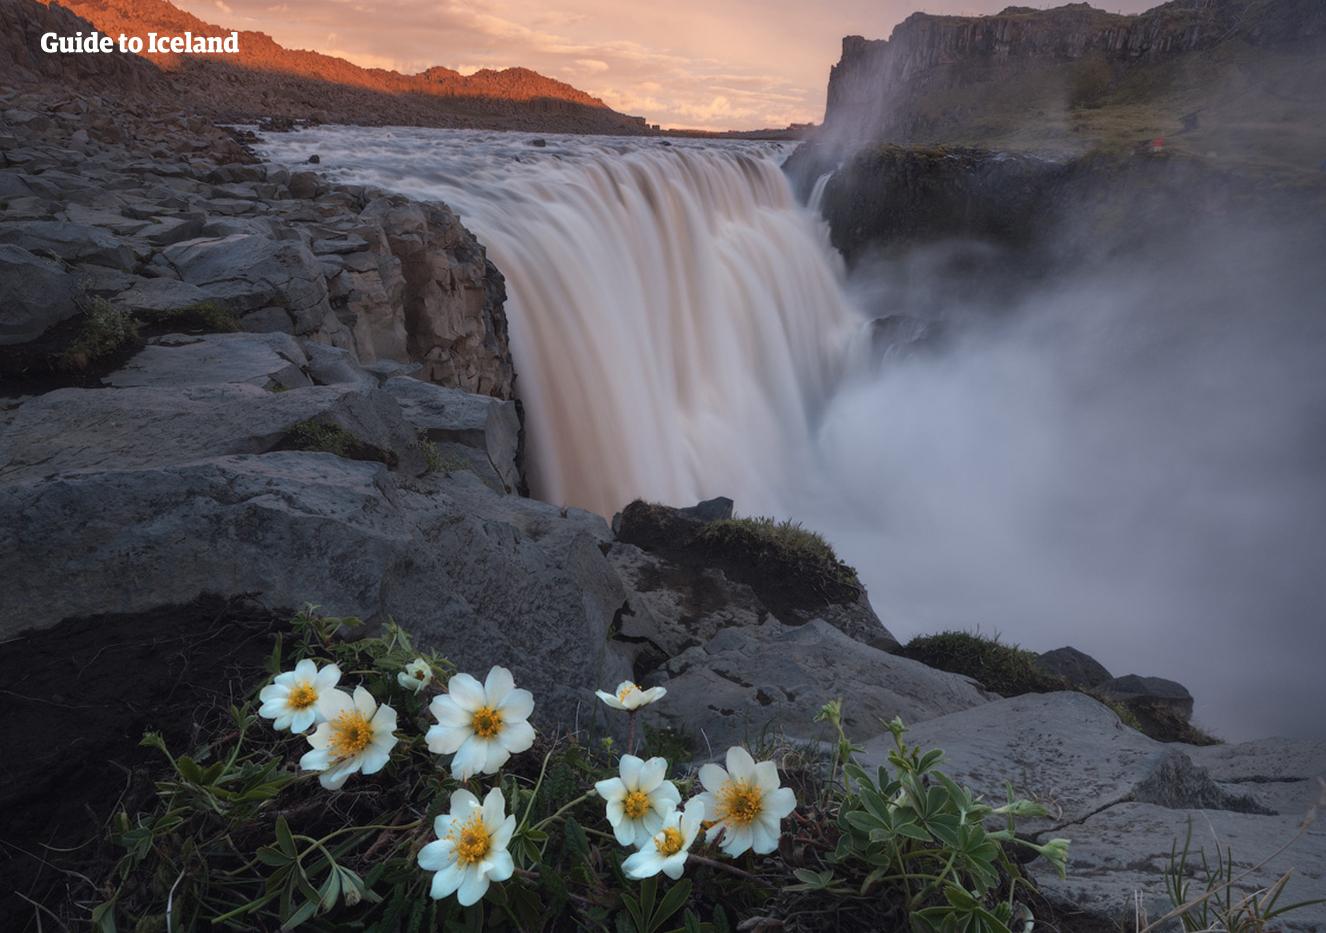 ดอกไม้หน้าร้อนบานเต็มที่ที่น้ำตกเดตติฟอสส์ น้ำตกที่ทรงพลังที่สุดในยุโรป